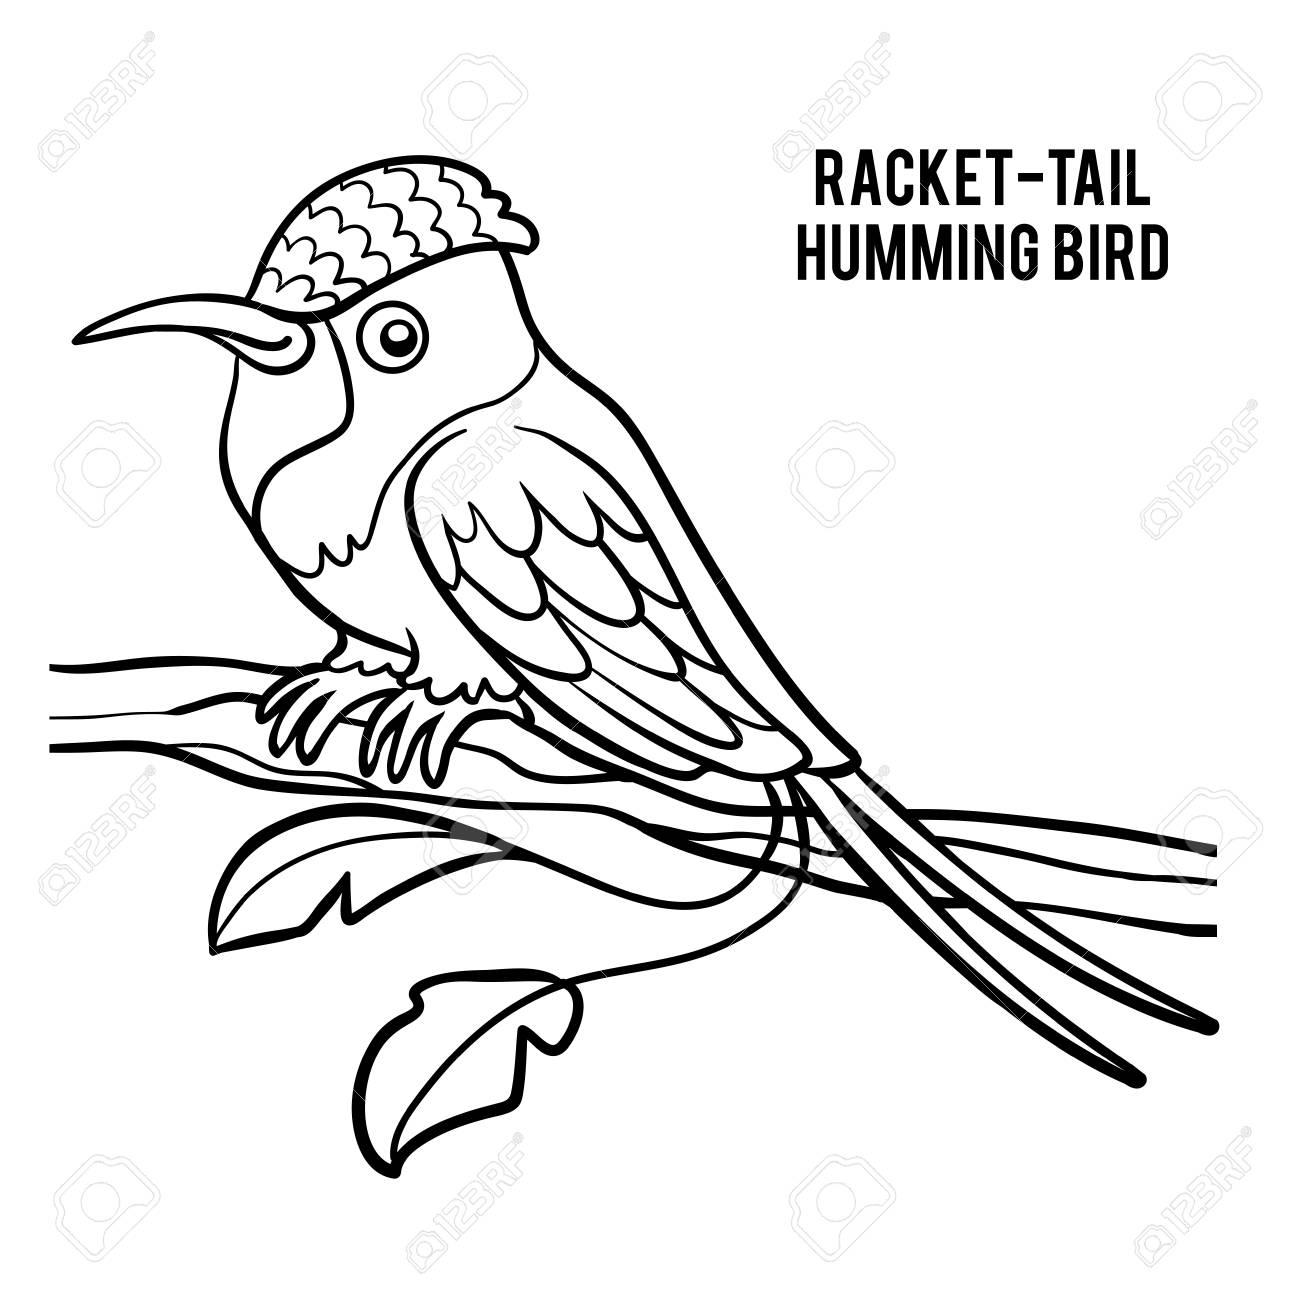 Dibujo Para Colorear Para Niños Colibrí Cola Hummingbird